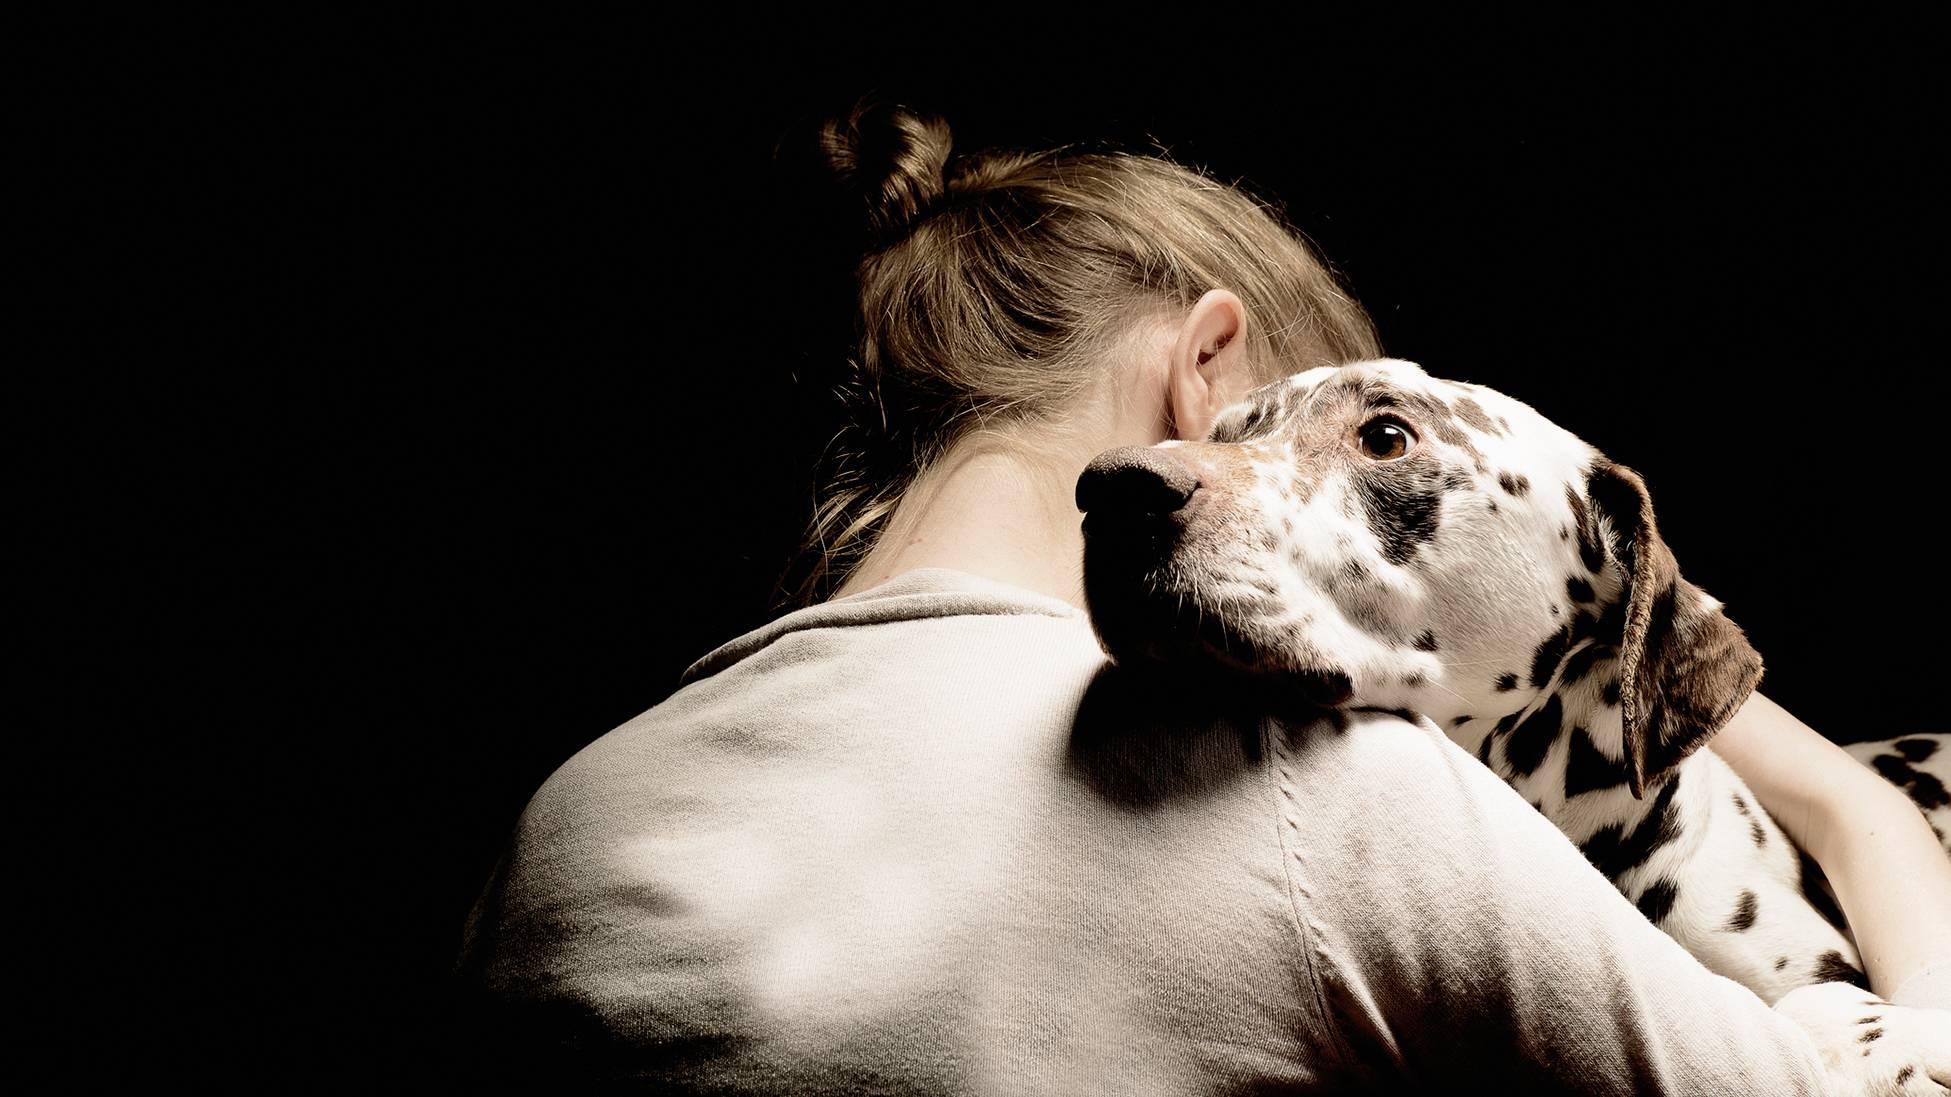 Почему собака грустит и расстраивается, причины, как развеселить